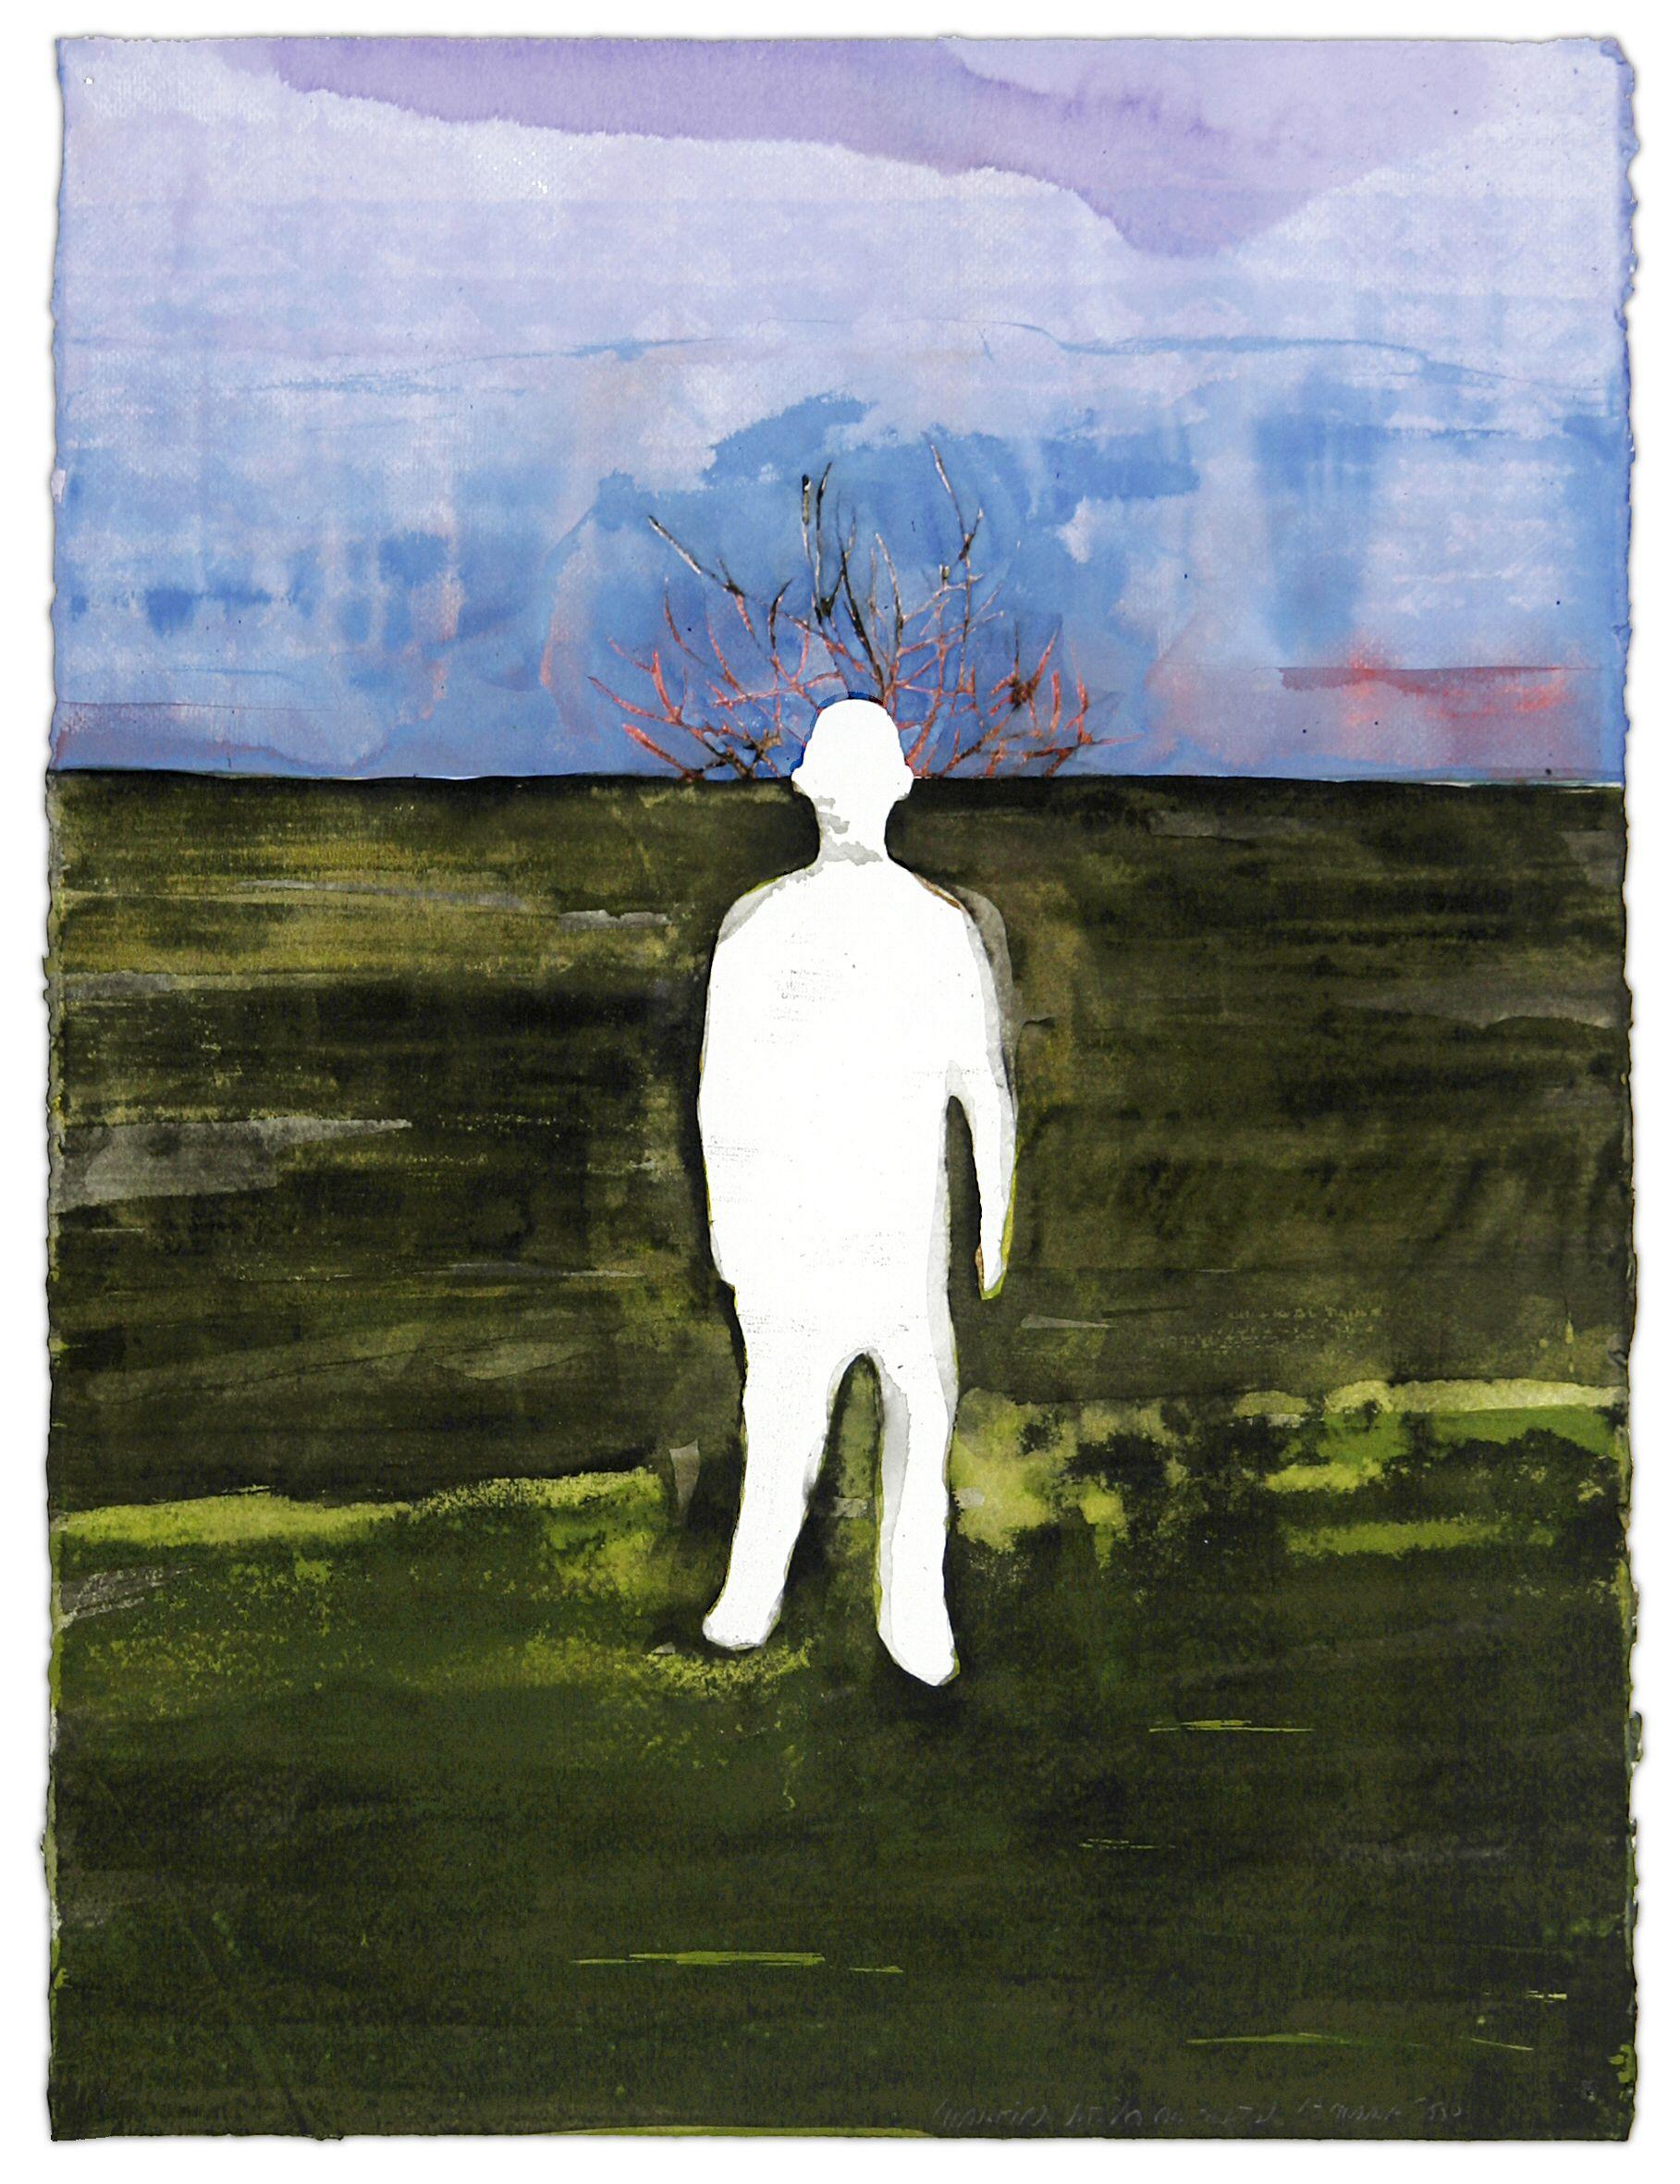 Maurice Christo van Meijel: Gerrit van Houten (2006) inkt op papier, 77 x 57 cm. (collectie SBK Amsterdam)